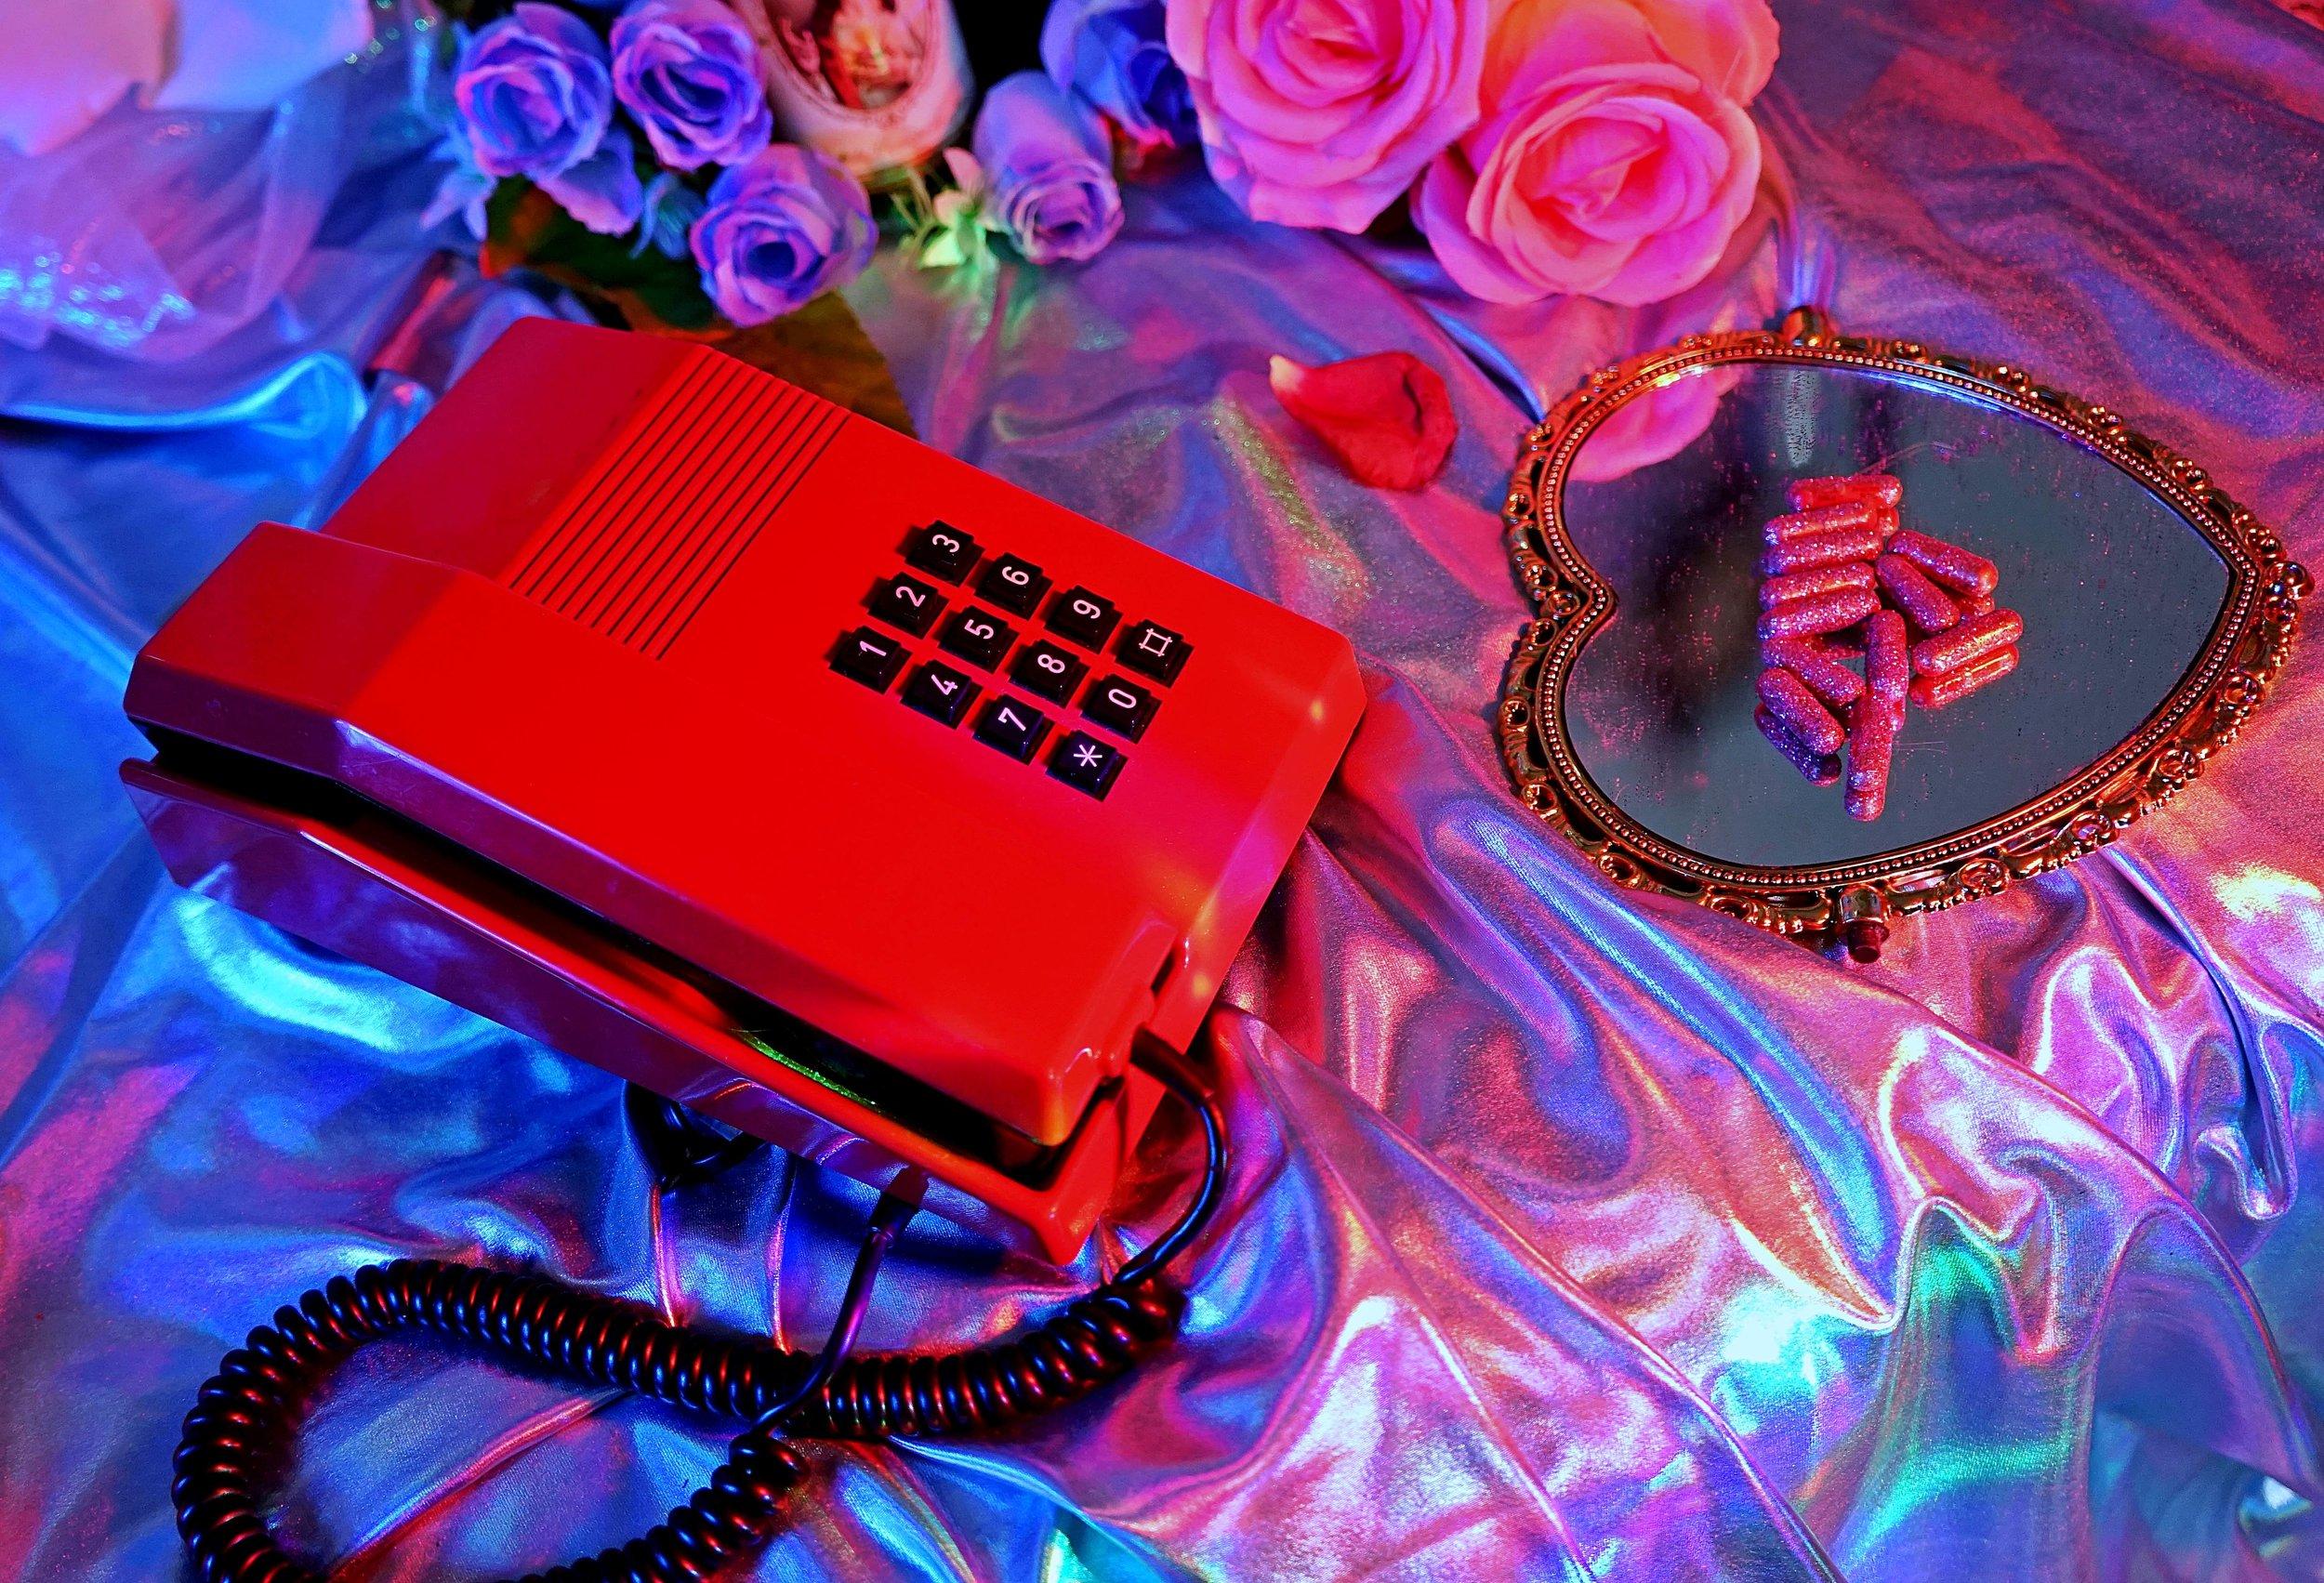 telefono rojo 1.JPG